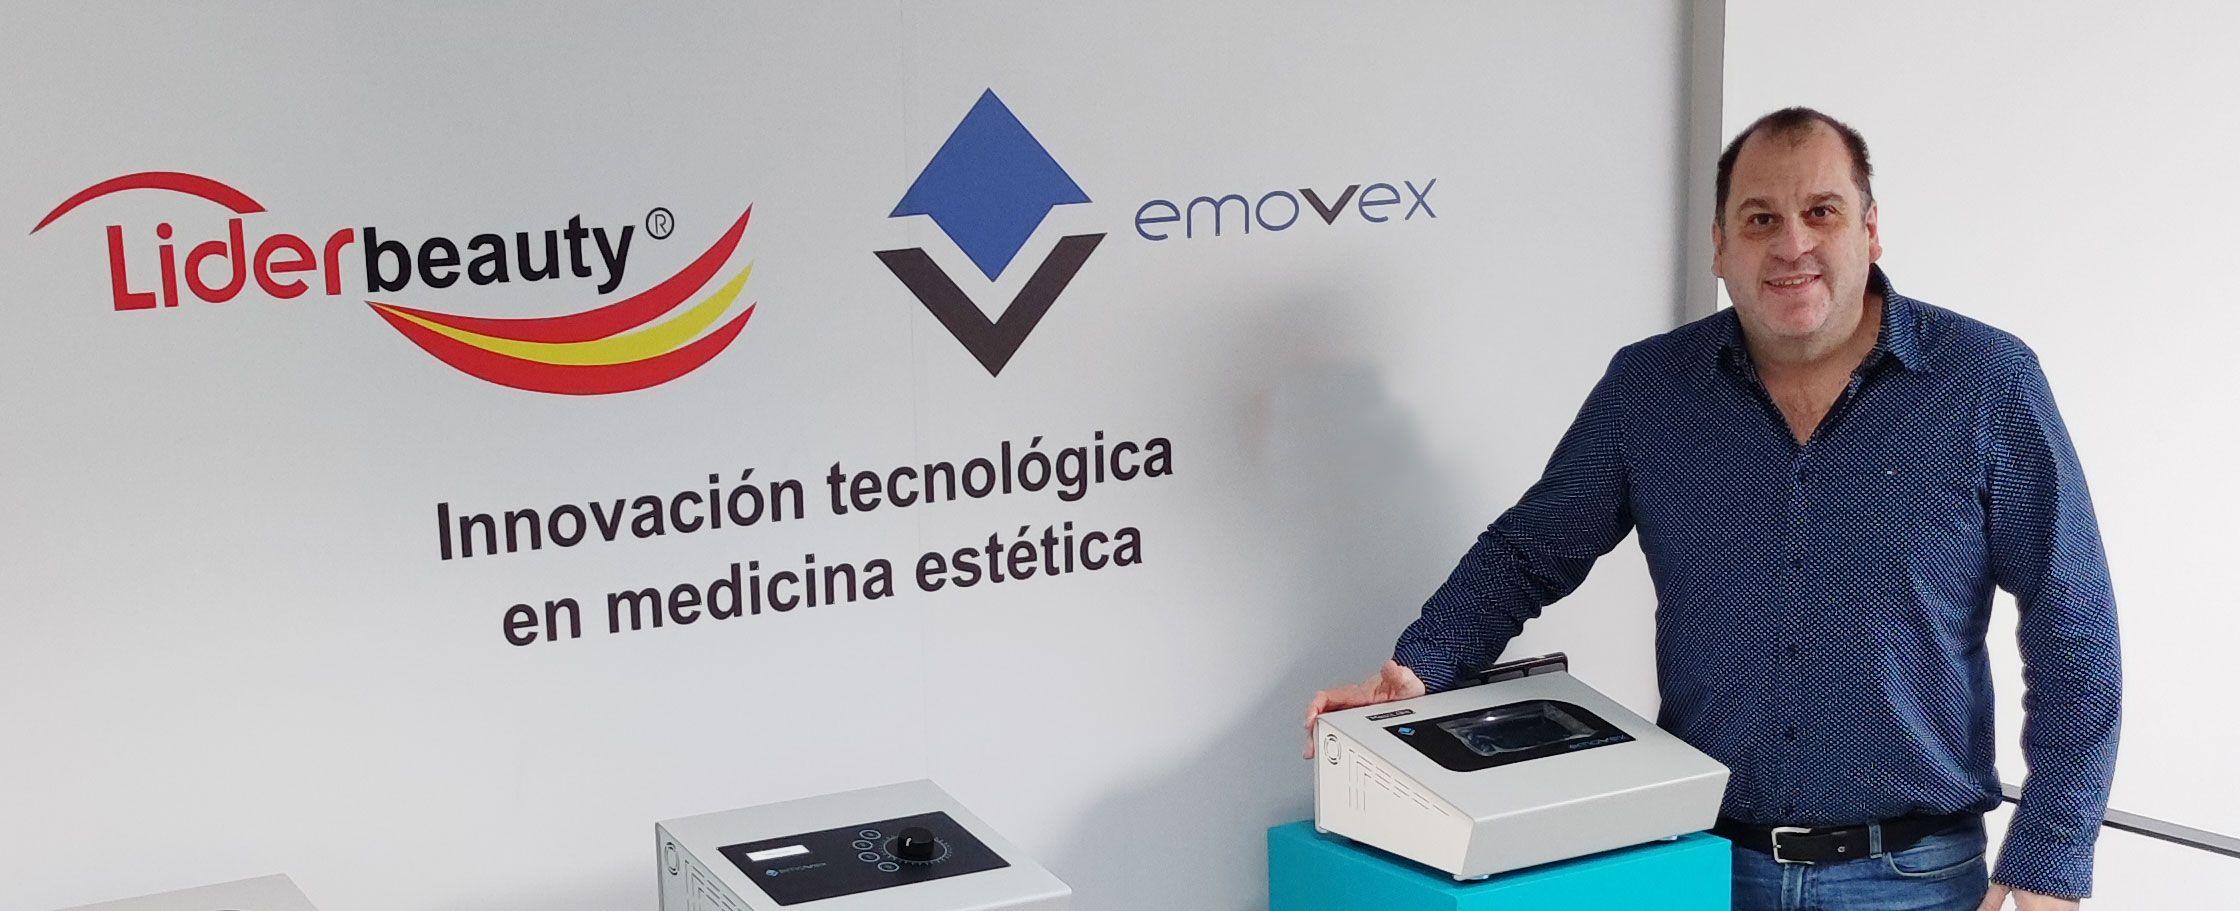 Acuerdo de distribución para la Comunidad de Madrid de Aparatología Médico-Estética Liderbeauty